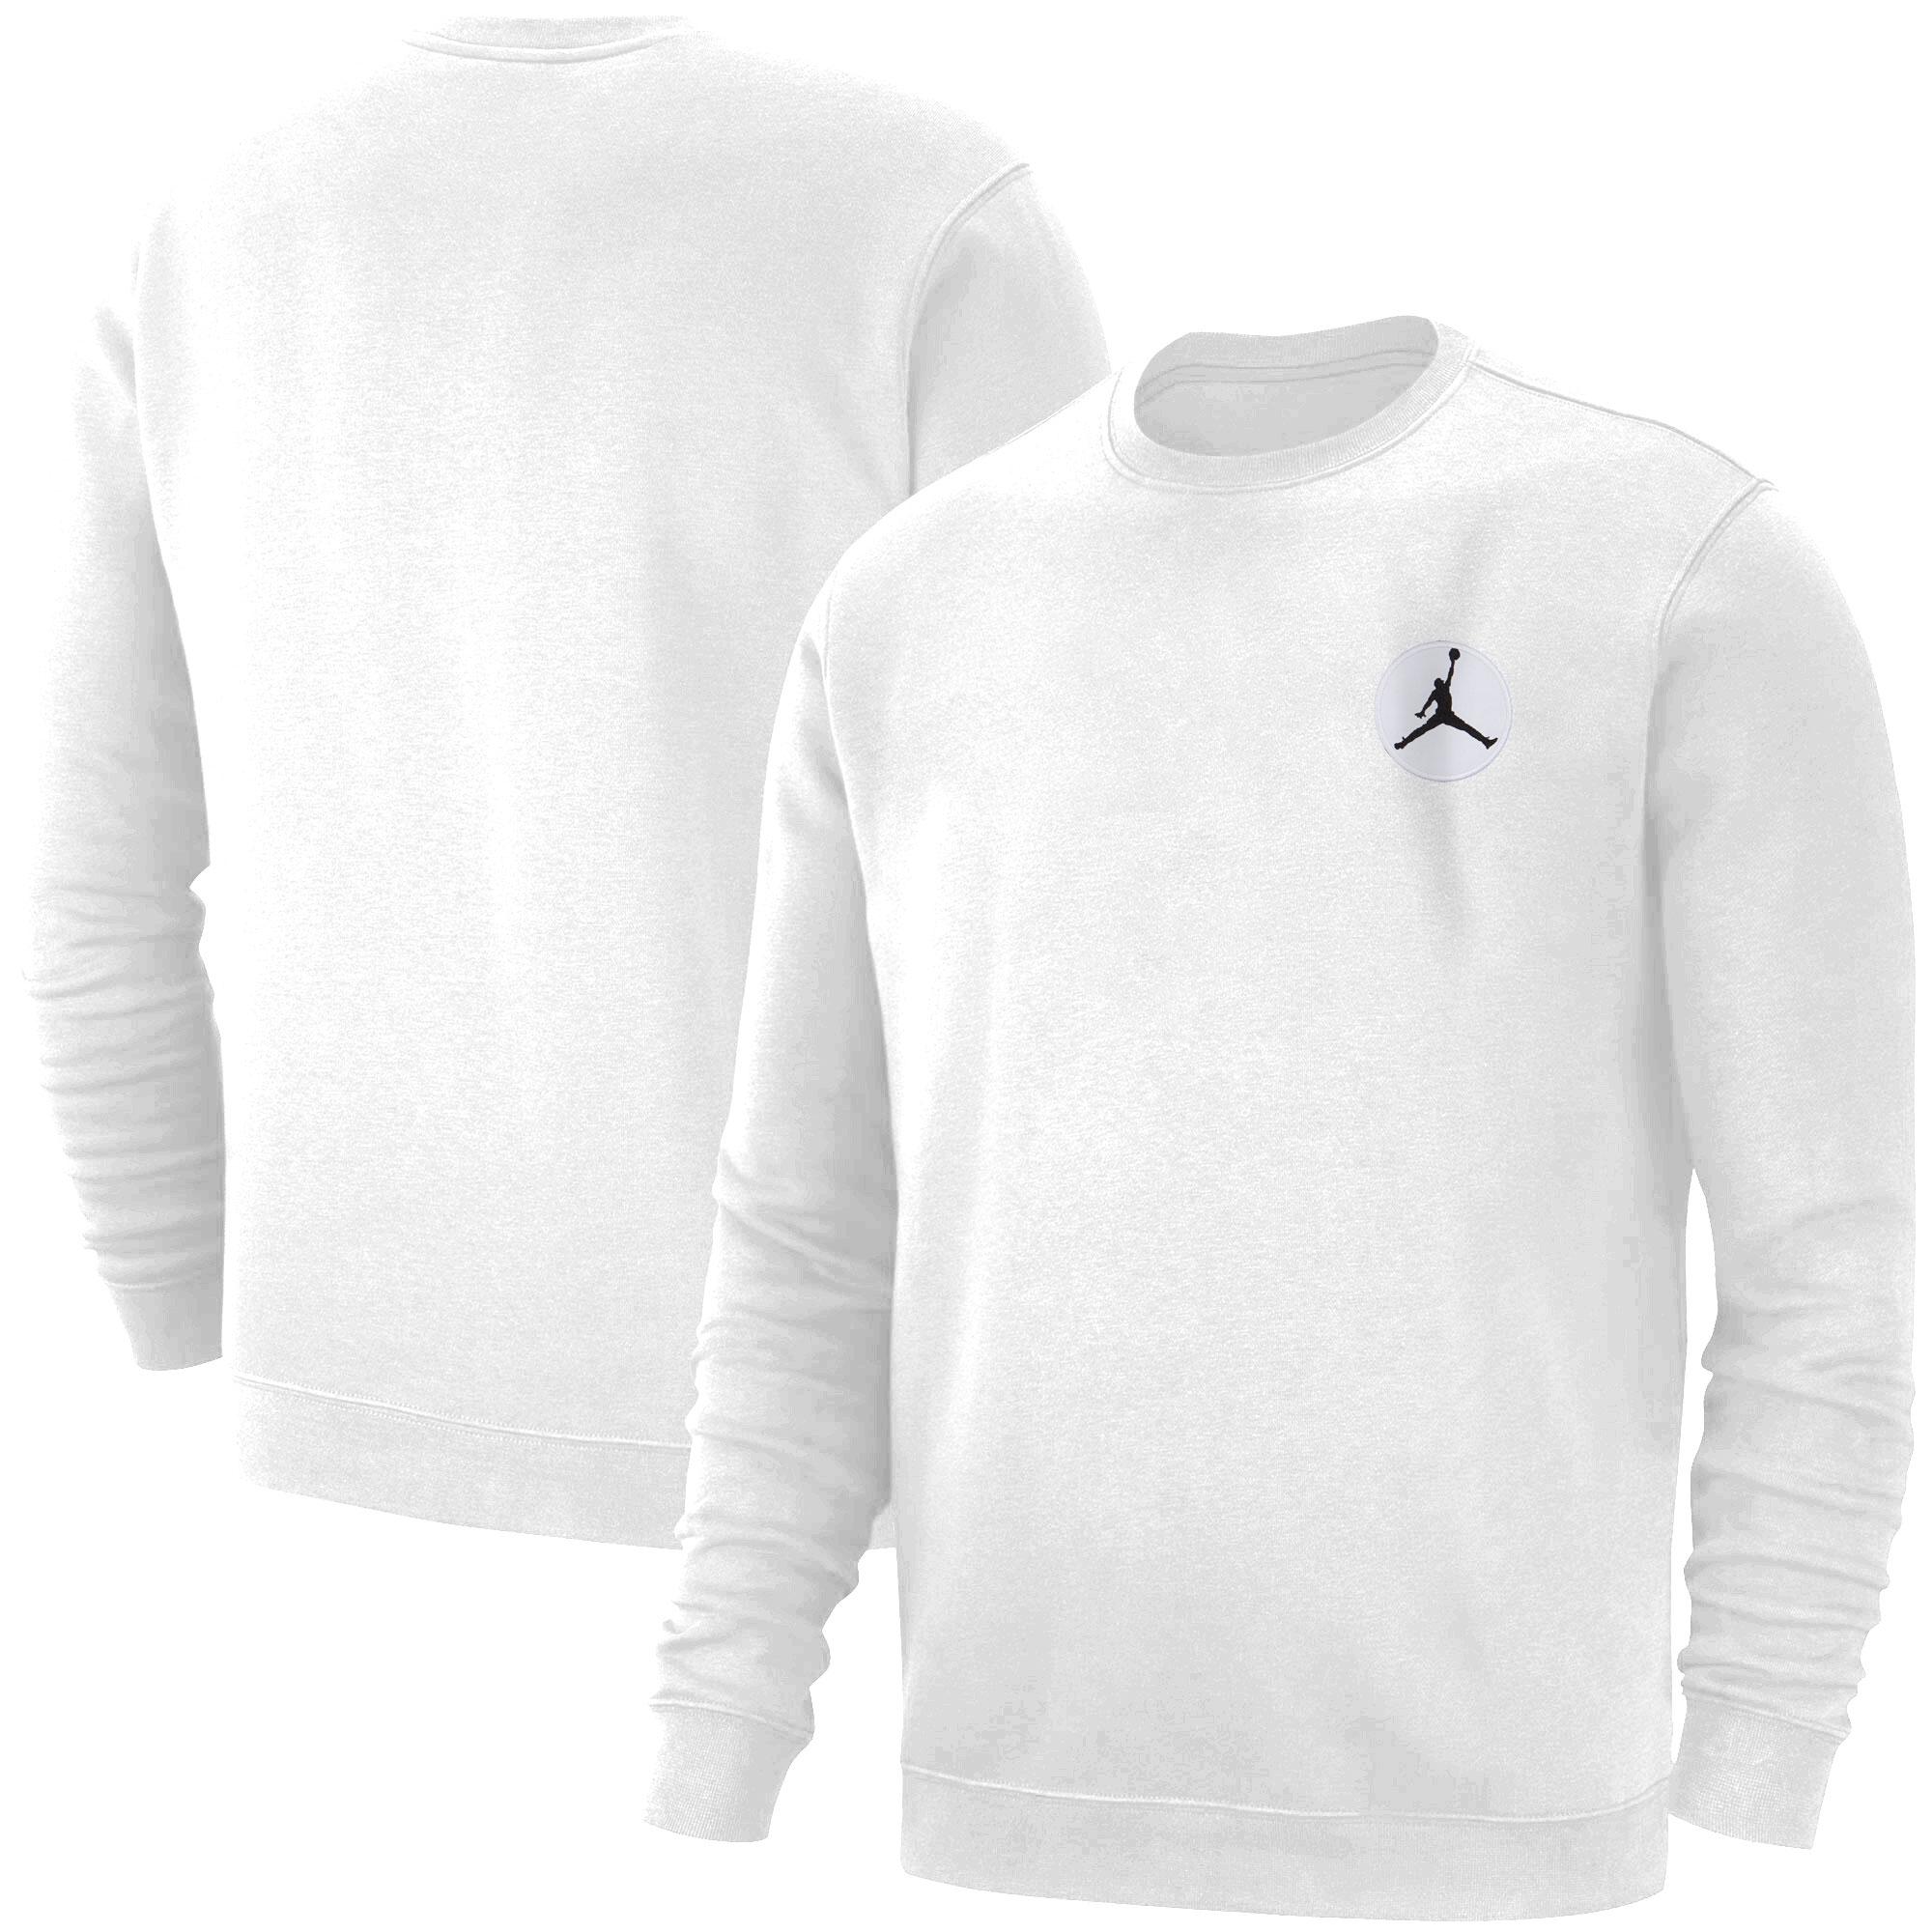 Air Jordan  Jordan Basic (Örme)  (BSC-WHT-EMBR-JORDAN-WHT)